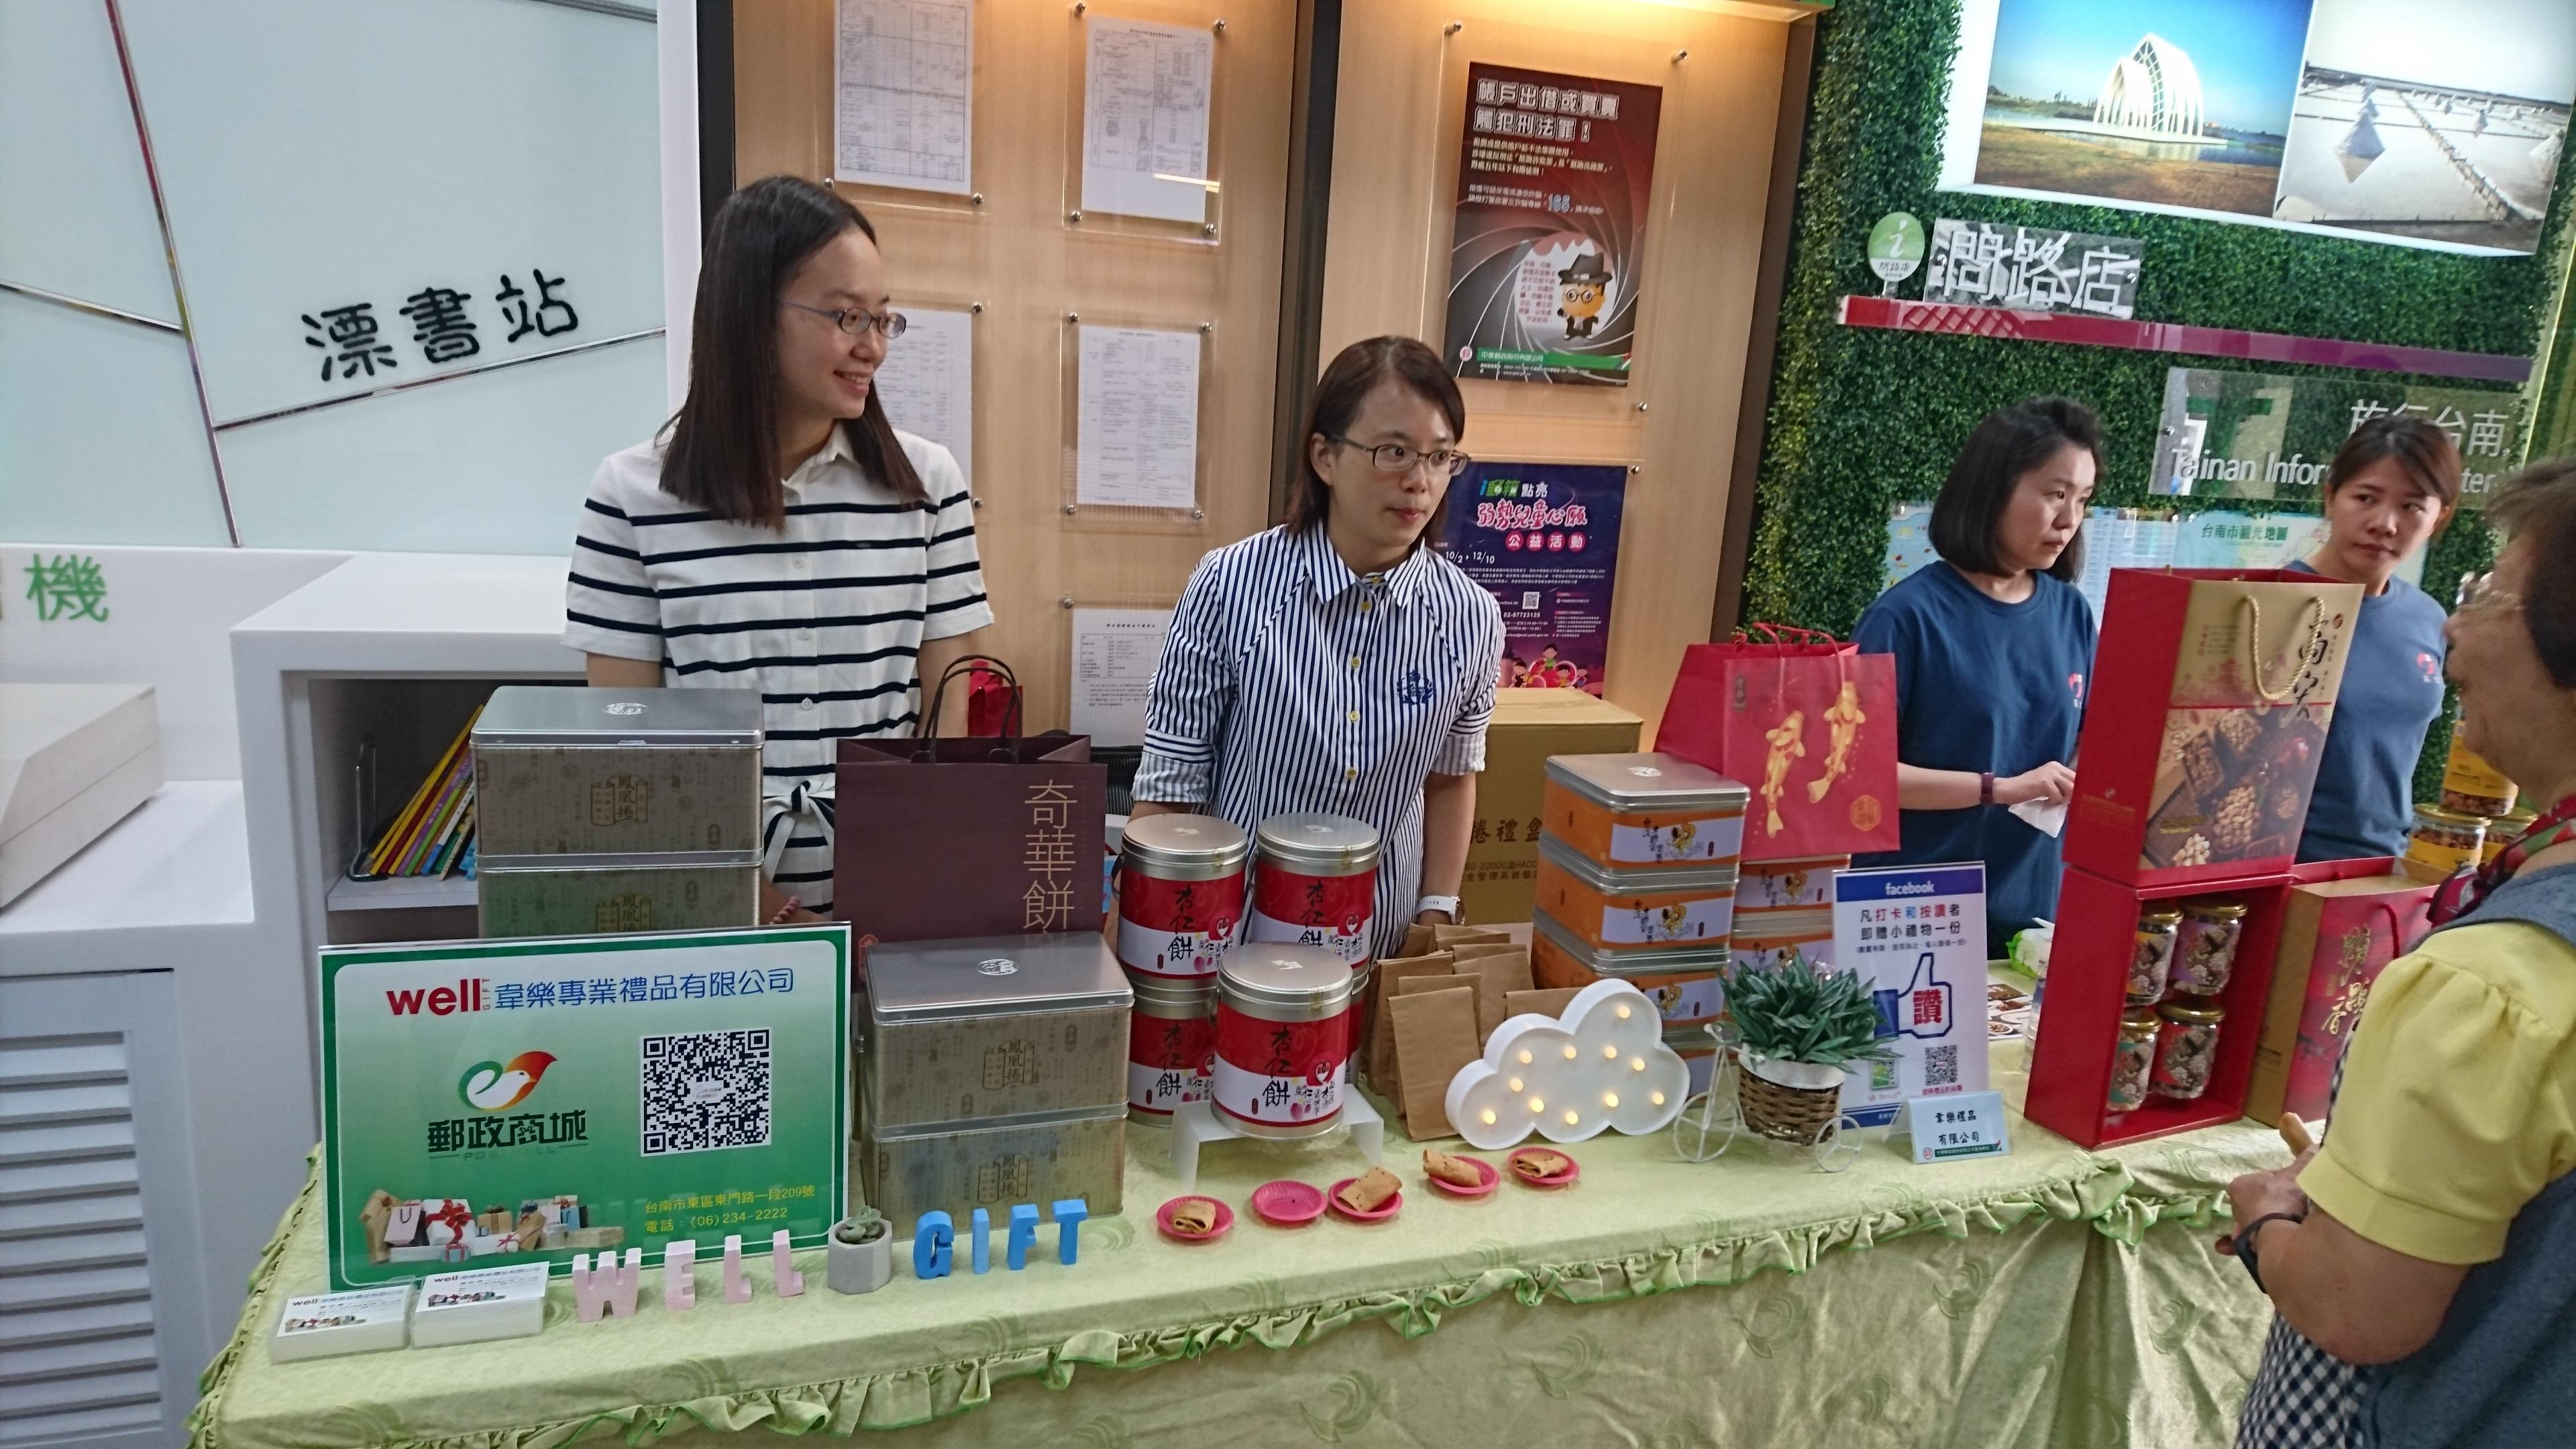 臺南郵局舉辦「o2o郵購站」啟用儀式